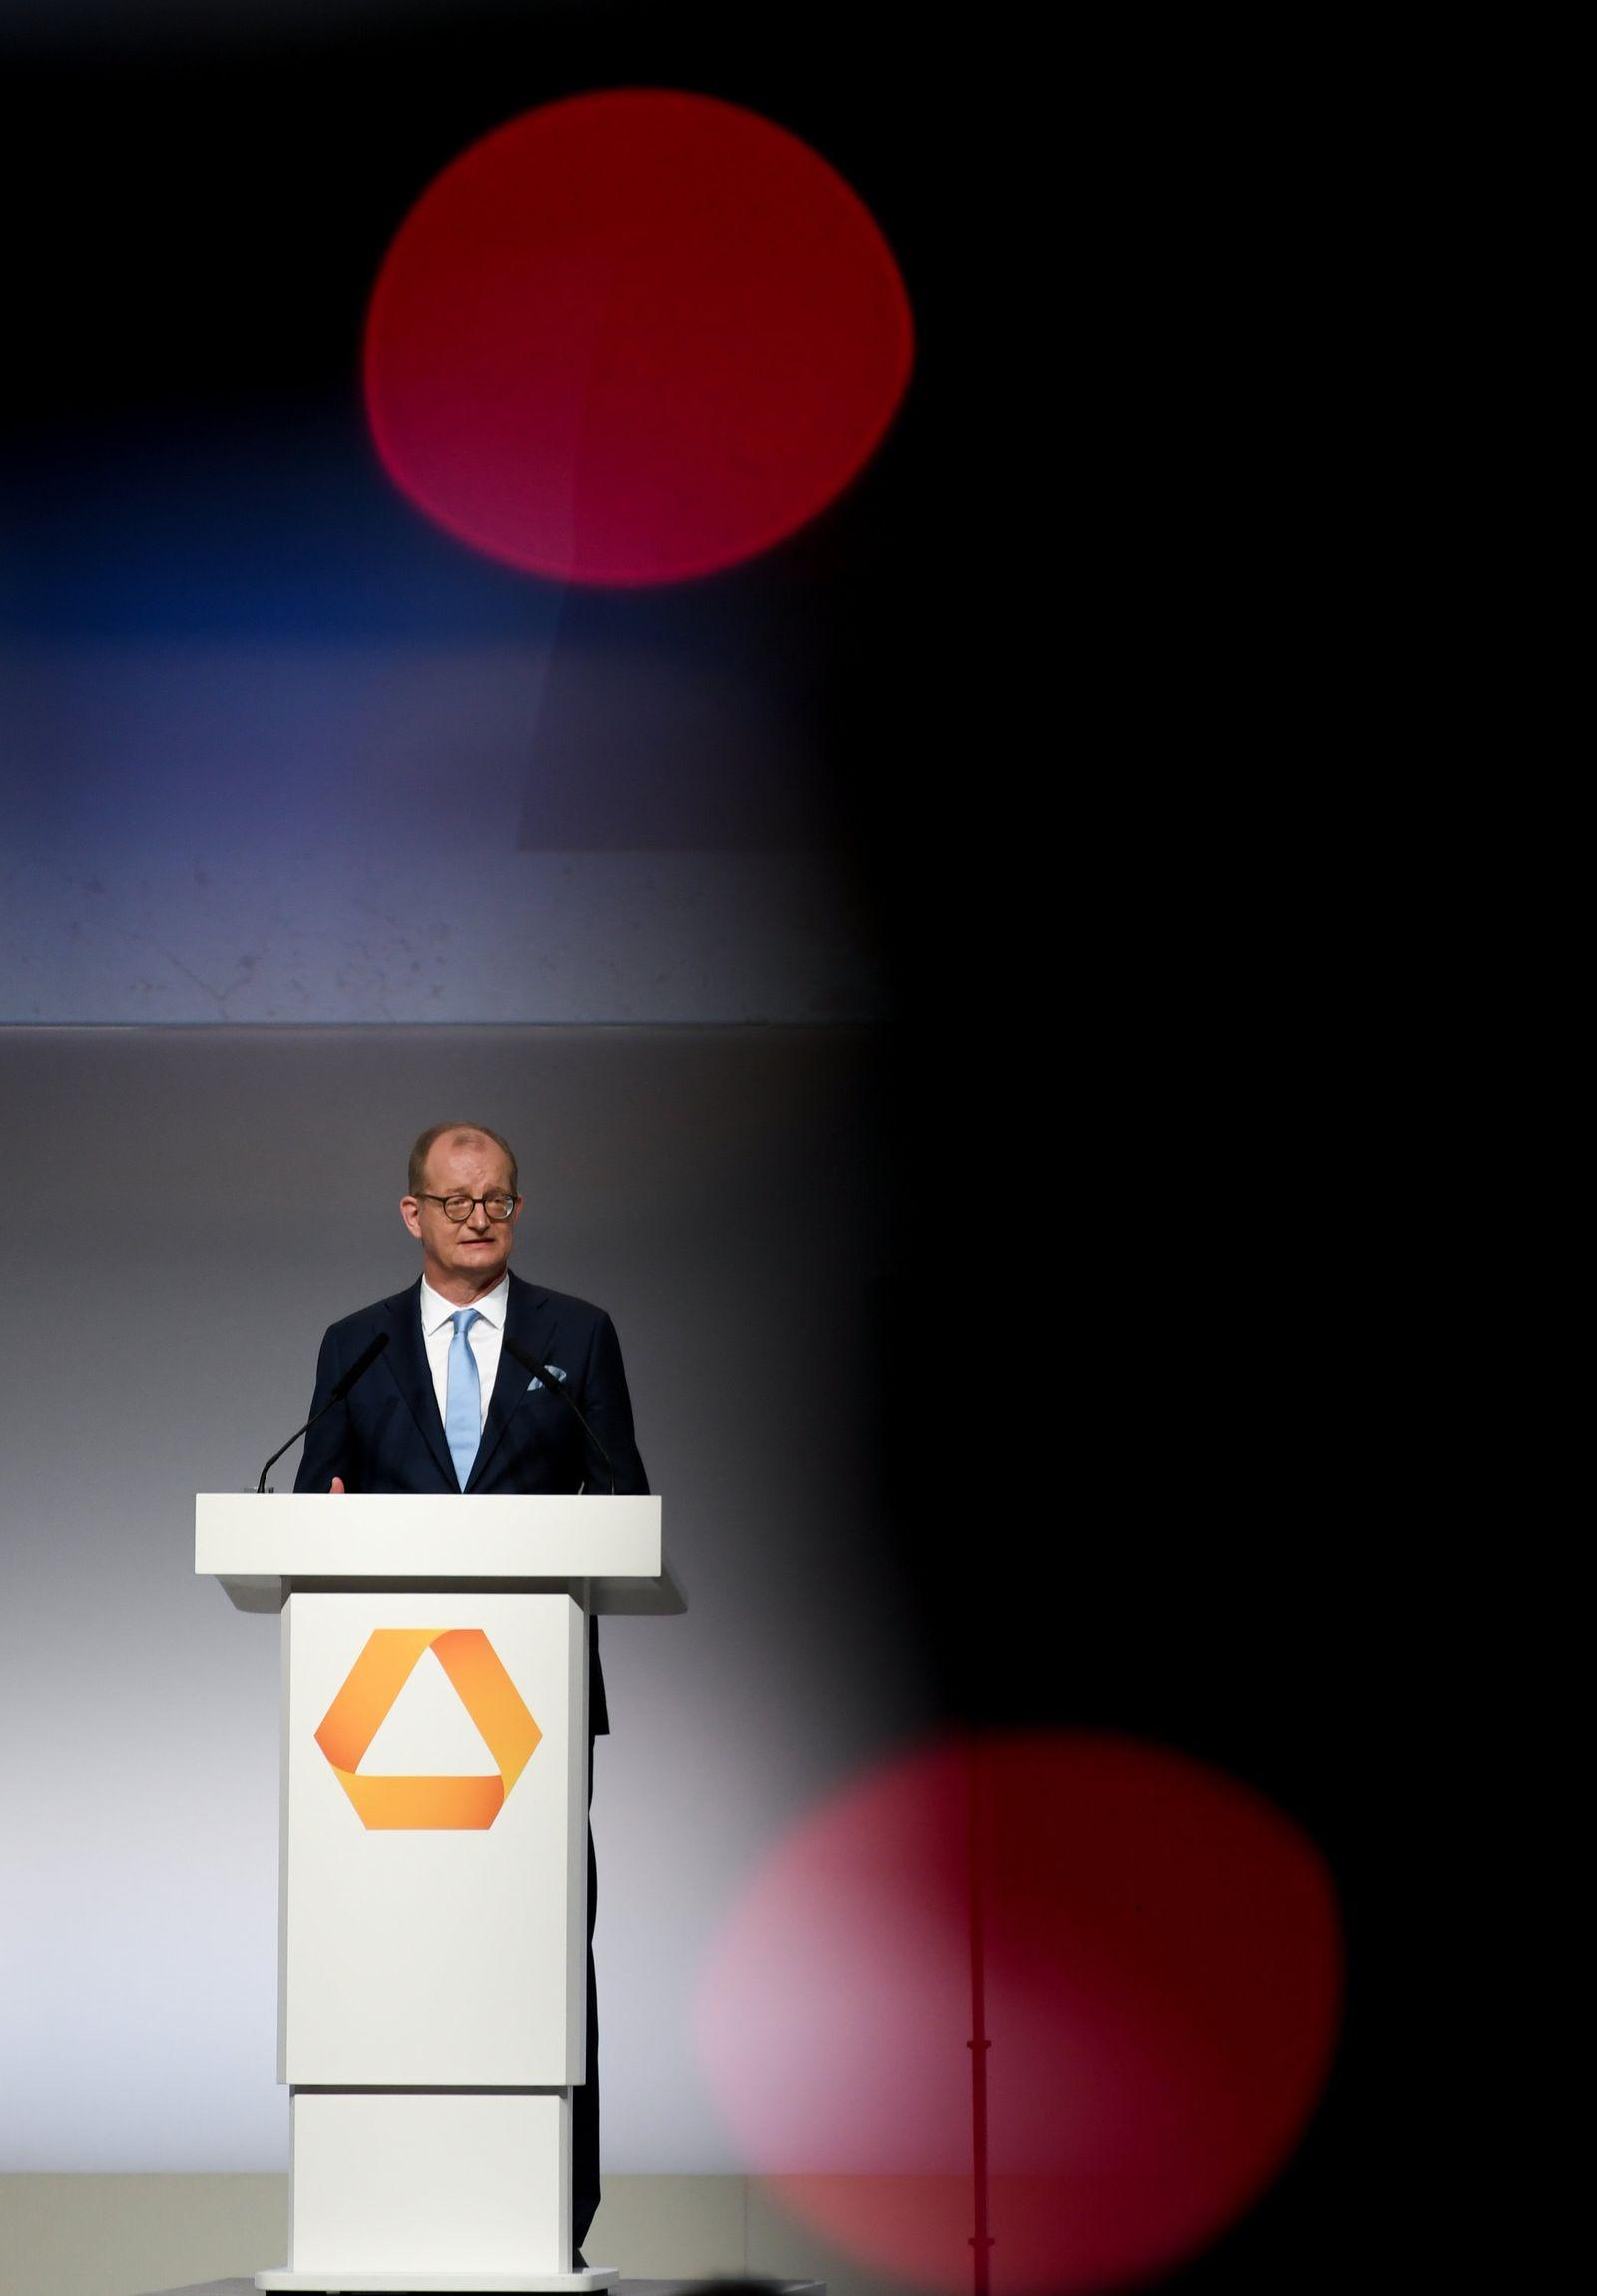 Hauptversammlung Commerzbank/ Martin Zielke